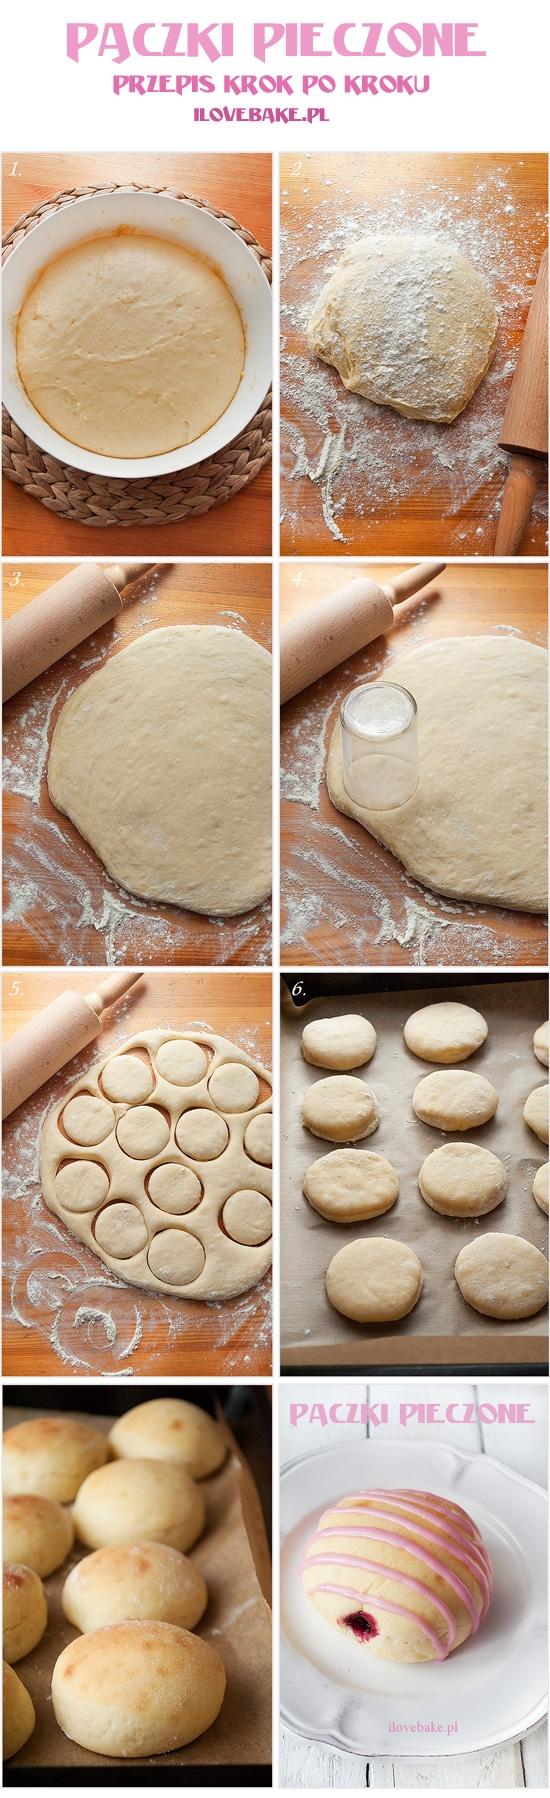 PĄCZKI PIECZONE W PIEKARNIKU  SKŁADNIKI NA CIASTO: ILOŚĆ: około 12-15 szt. 3 szklanki mąki tortowej 14 g drożdży świeżych lub 7 g suchych 1/4 szklanki wody, ciepłej 1 jajko, całe 2 żółtka 3/4 szklanki mleka, ciepłego 1/4 szklanki cukru 1 łyżeczka cukru waniliowego 2 łyżki masła lub margaryny, roztopionej 2 łyżki oleju szczypta soli  DODATKOWO: dżem do nadziewania cukier puder do oprószenia lukier porzeczkowy ( 1 szklanka cukru pudru, 2 łyżki gorącej wody, 2 łyżki dżemu porzeczkowego przeciśniętego przez gęste sitko) lukier i wiórki kokosowe ( 1 szklanka cukru pudru, 2 łyżki gorącej wody, kilka kropel soku z cytryny, 1 szklanka wiórków kokosowych ) czekolada i kajmak ( 1 puszka kajmaku, 1/2 tabliczki gorzkiej czekolady, pokrojone drobno orzeszki ziemne, niekoniecznie )   Do niedużej miseczki wsypujemy drożdże suche lub świeże, zalewamy ciepłą wodą oraz dodajemy łyżeczkę cukru. Chwilę mieszamy, zawijamy folią i odstawiamy na ok. 10-15 min do wyrośnięcia. Mąkę przesiewamy do dużej miski razem z solą. Dodajemy wyrośnięty rozczyn drożdżowy, ciepłe mleko oraz jajka, żółtka ukręcone z pozostałym cukrem na kogel mogel. Chwilę wyrabiamy, następnie dodajemy rozpuszczone masło. Ponownie wyrabiamy przez około 5 min. Na koniec dodajemy olej i wyrabiamy do wchłonięcia. Ciasto powinno być raczej klejące i przywierające do dłoni, ale nie mocno. Miskę z ciastem przykrywamy folią i odstawiamy w ciepłe miejsce do podwojenia objętości ok. 1,5 godz. Napuszone ciasto wykładamy na dosyć obficie oprószoną mąką stolnicę. Rozwałkowujemy ciasto na grubość około 1,5 – 2 cm. Za pomocą szklanki lub okrągłej foremki o śr. 6 cm wykrawamy pączki. Bardzo delikatnie przekładamy na blaszkę wyłożoną papierem do pieczenia w niewielkich odstępach od siebie. Przykrywamy folią lub ręcznikiem kuchennym i odstawiamy na 30 min do napuszenia. Pieczemy w temp. 200 C przez około 5-7 min do lekkiego zarumienienia. Uwaga: jeśli zaczną pękać podczas pieczenia nie trzymaj ich dłużej w piekarniku. Jeszcze ciepłe nadz